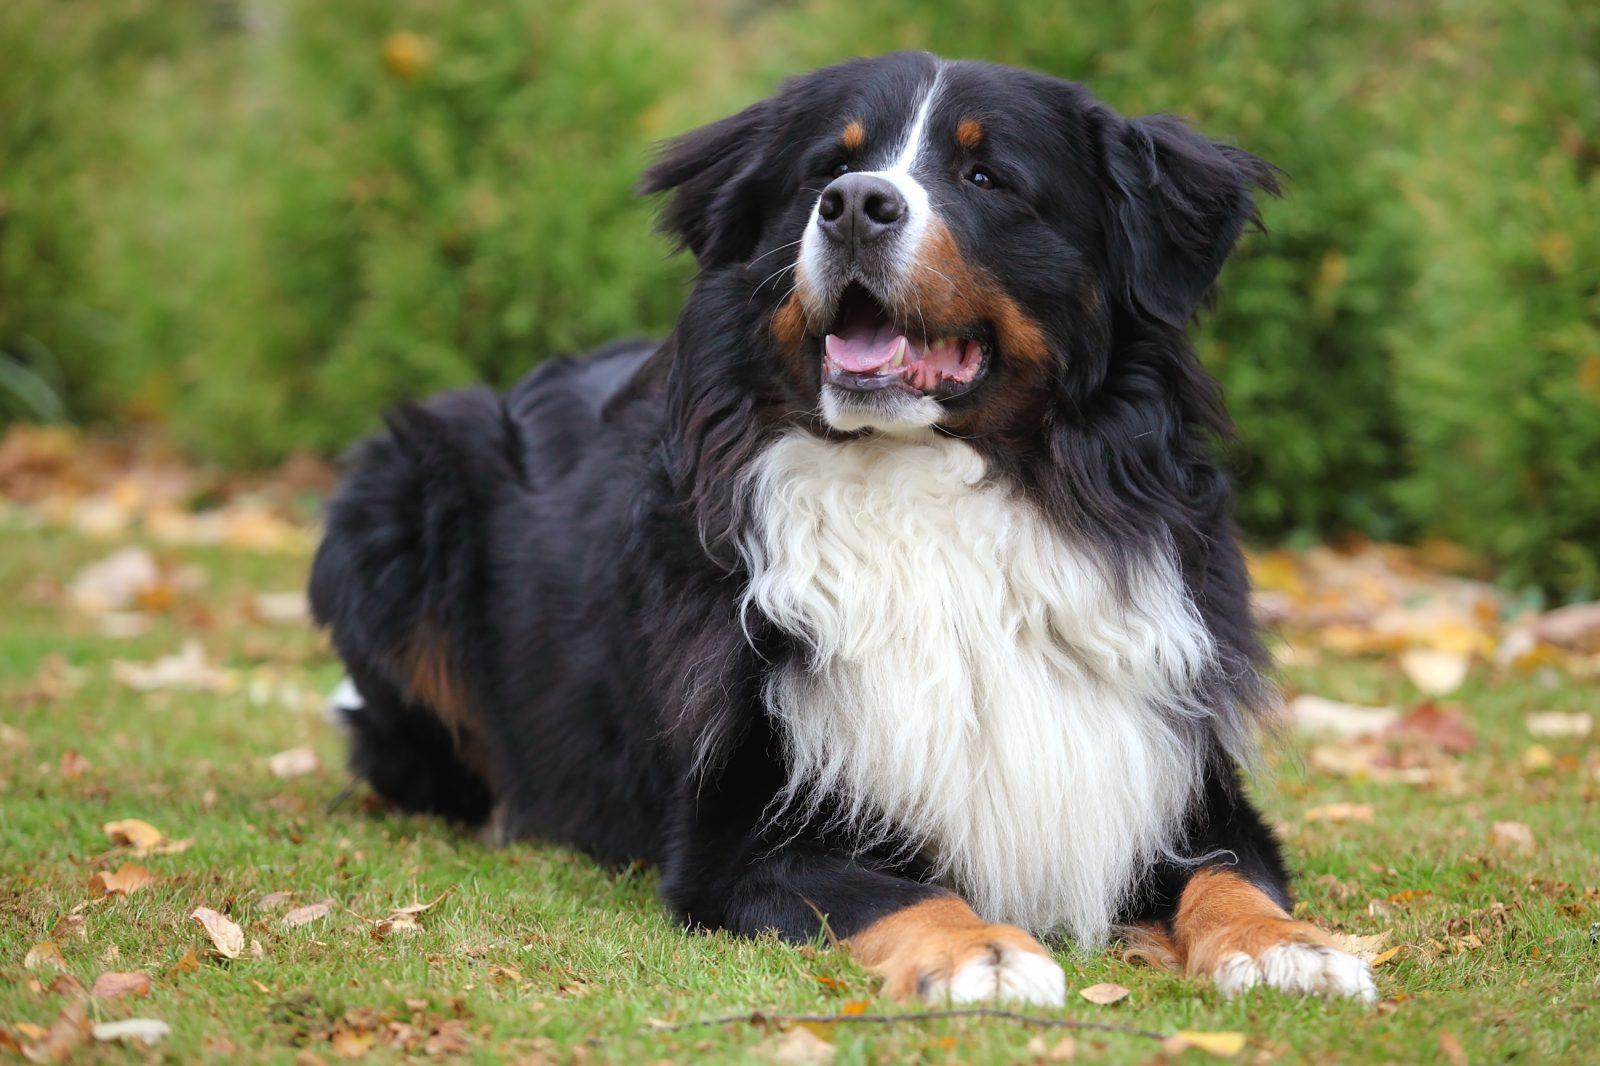 Cachorro de pelo longo: ão Montanhês de Bernese deitado sobre a grama do parque.